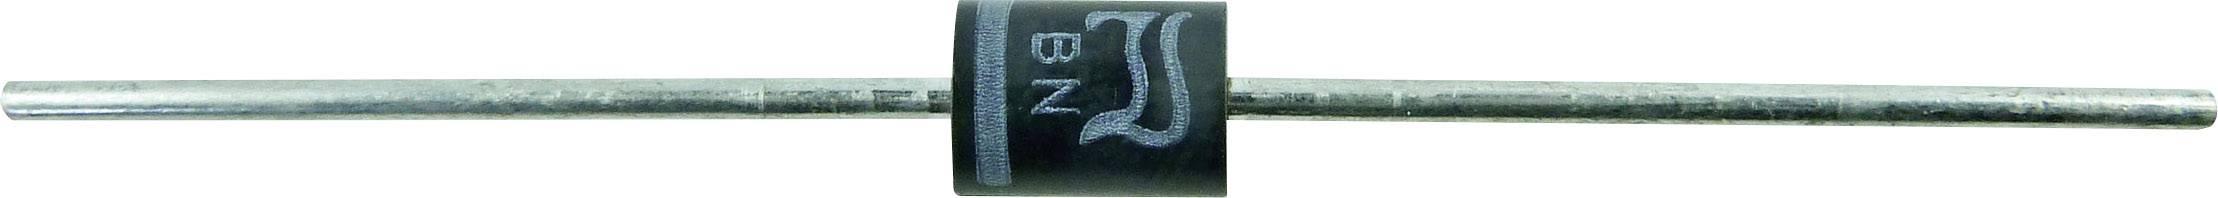 Kremíková usmerňovacia dióda Diotec BY550-400 BY550-400 DO-201AD, 5 A, 400 V